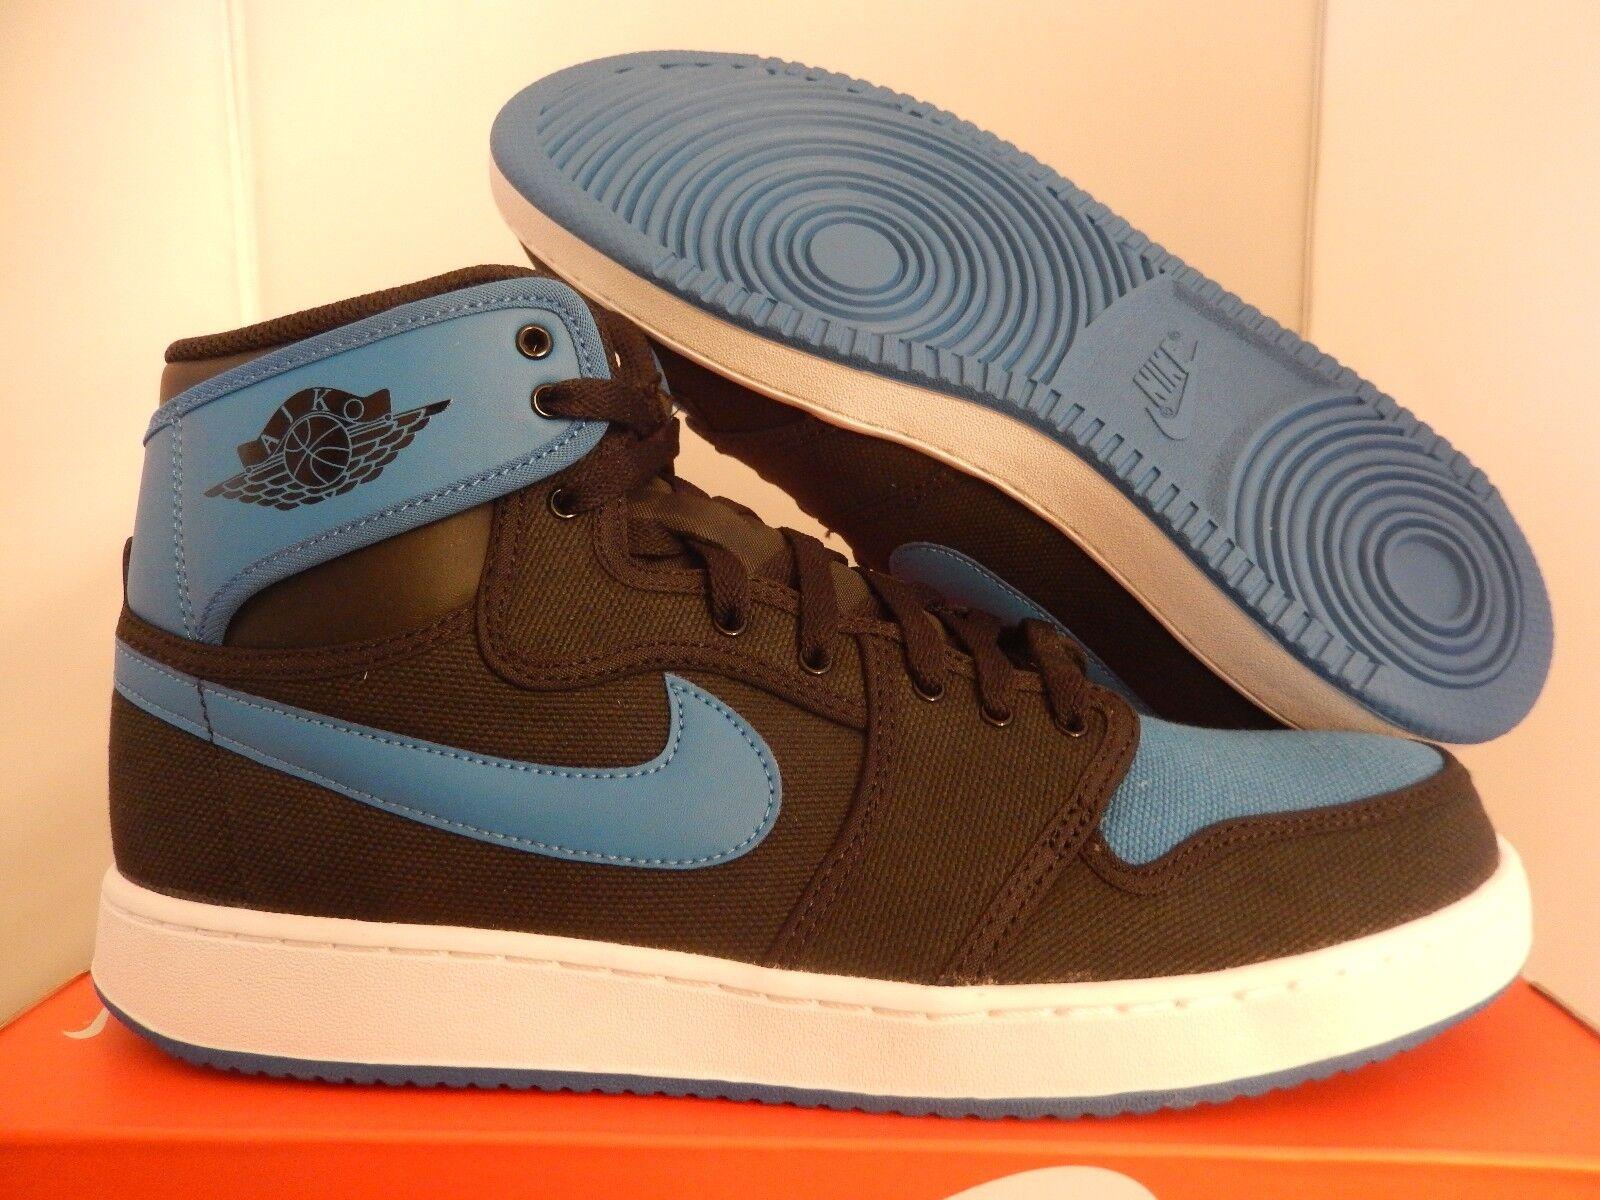 8177f2ad9eda Nike Air Jordan 1 Retro Aj1 KO High OG Royal Sport Blue 638471-007 ...